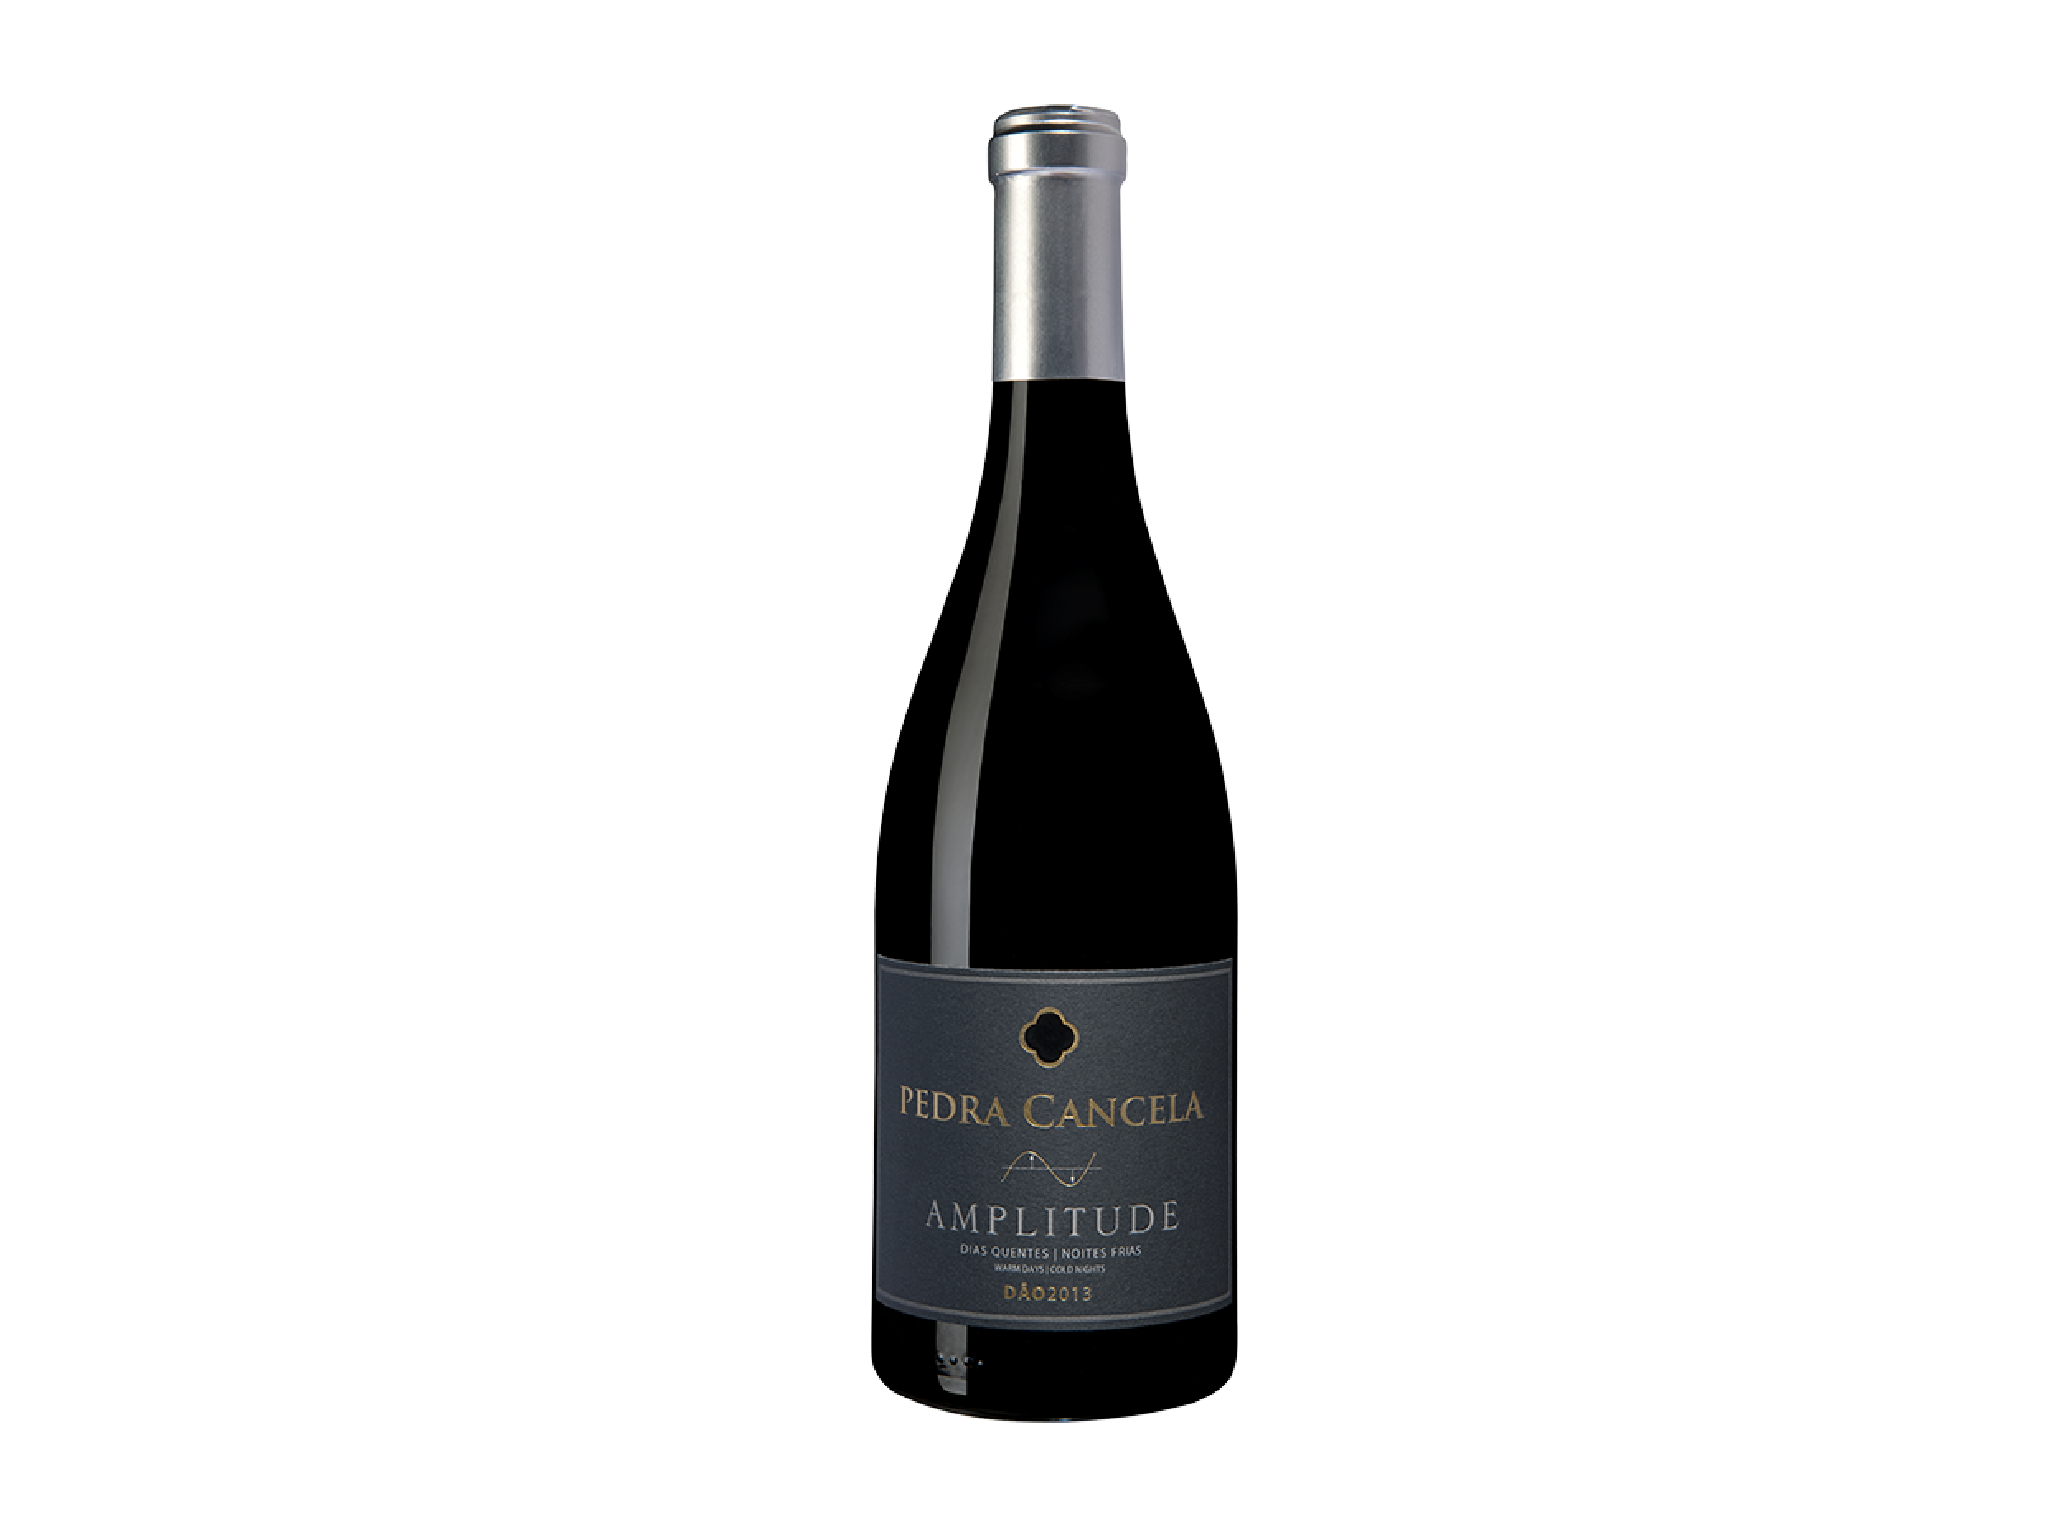 Vinho, Pedra Cancela Amplitude tinto, Lusovivi – Dão